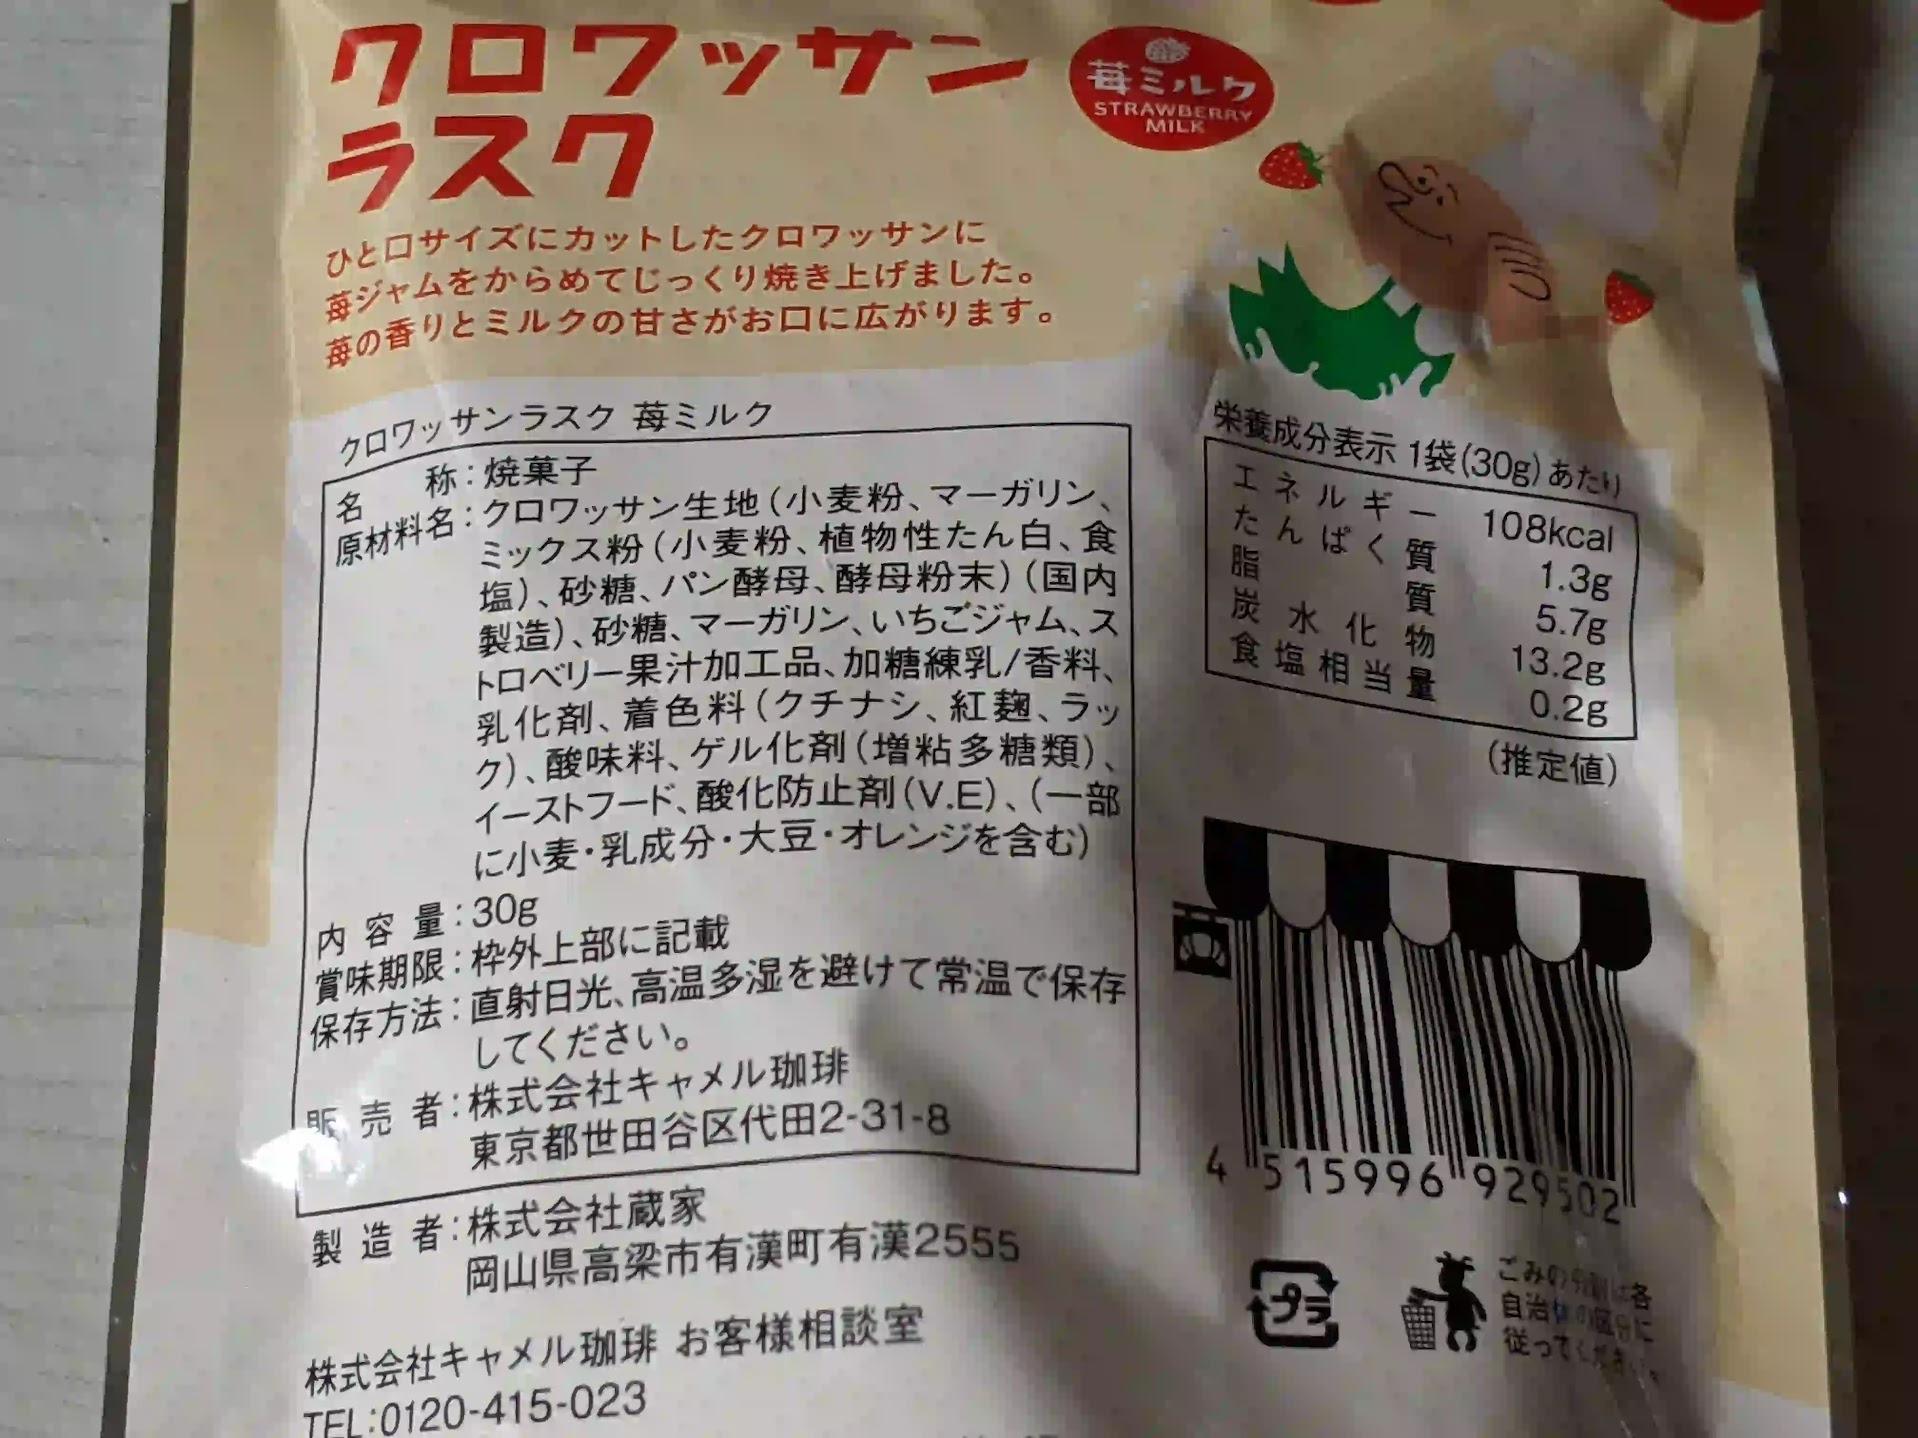 カルディ クロワッサンラスク 苺ミルク 栄養成分表示